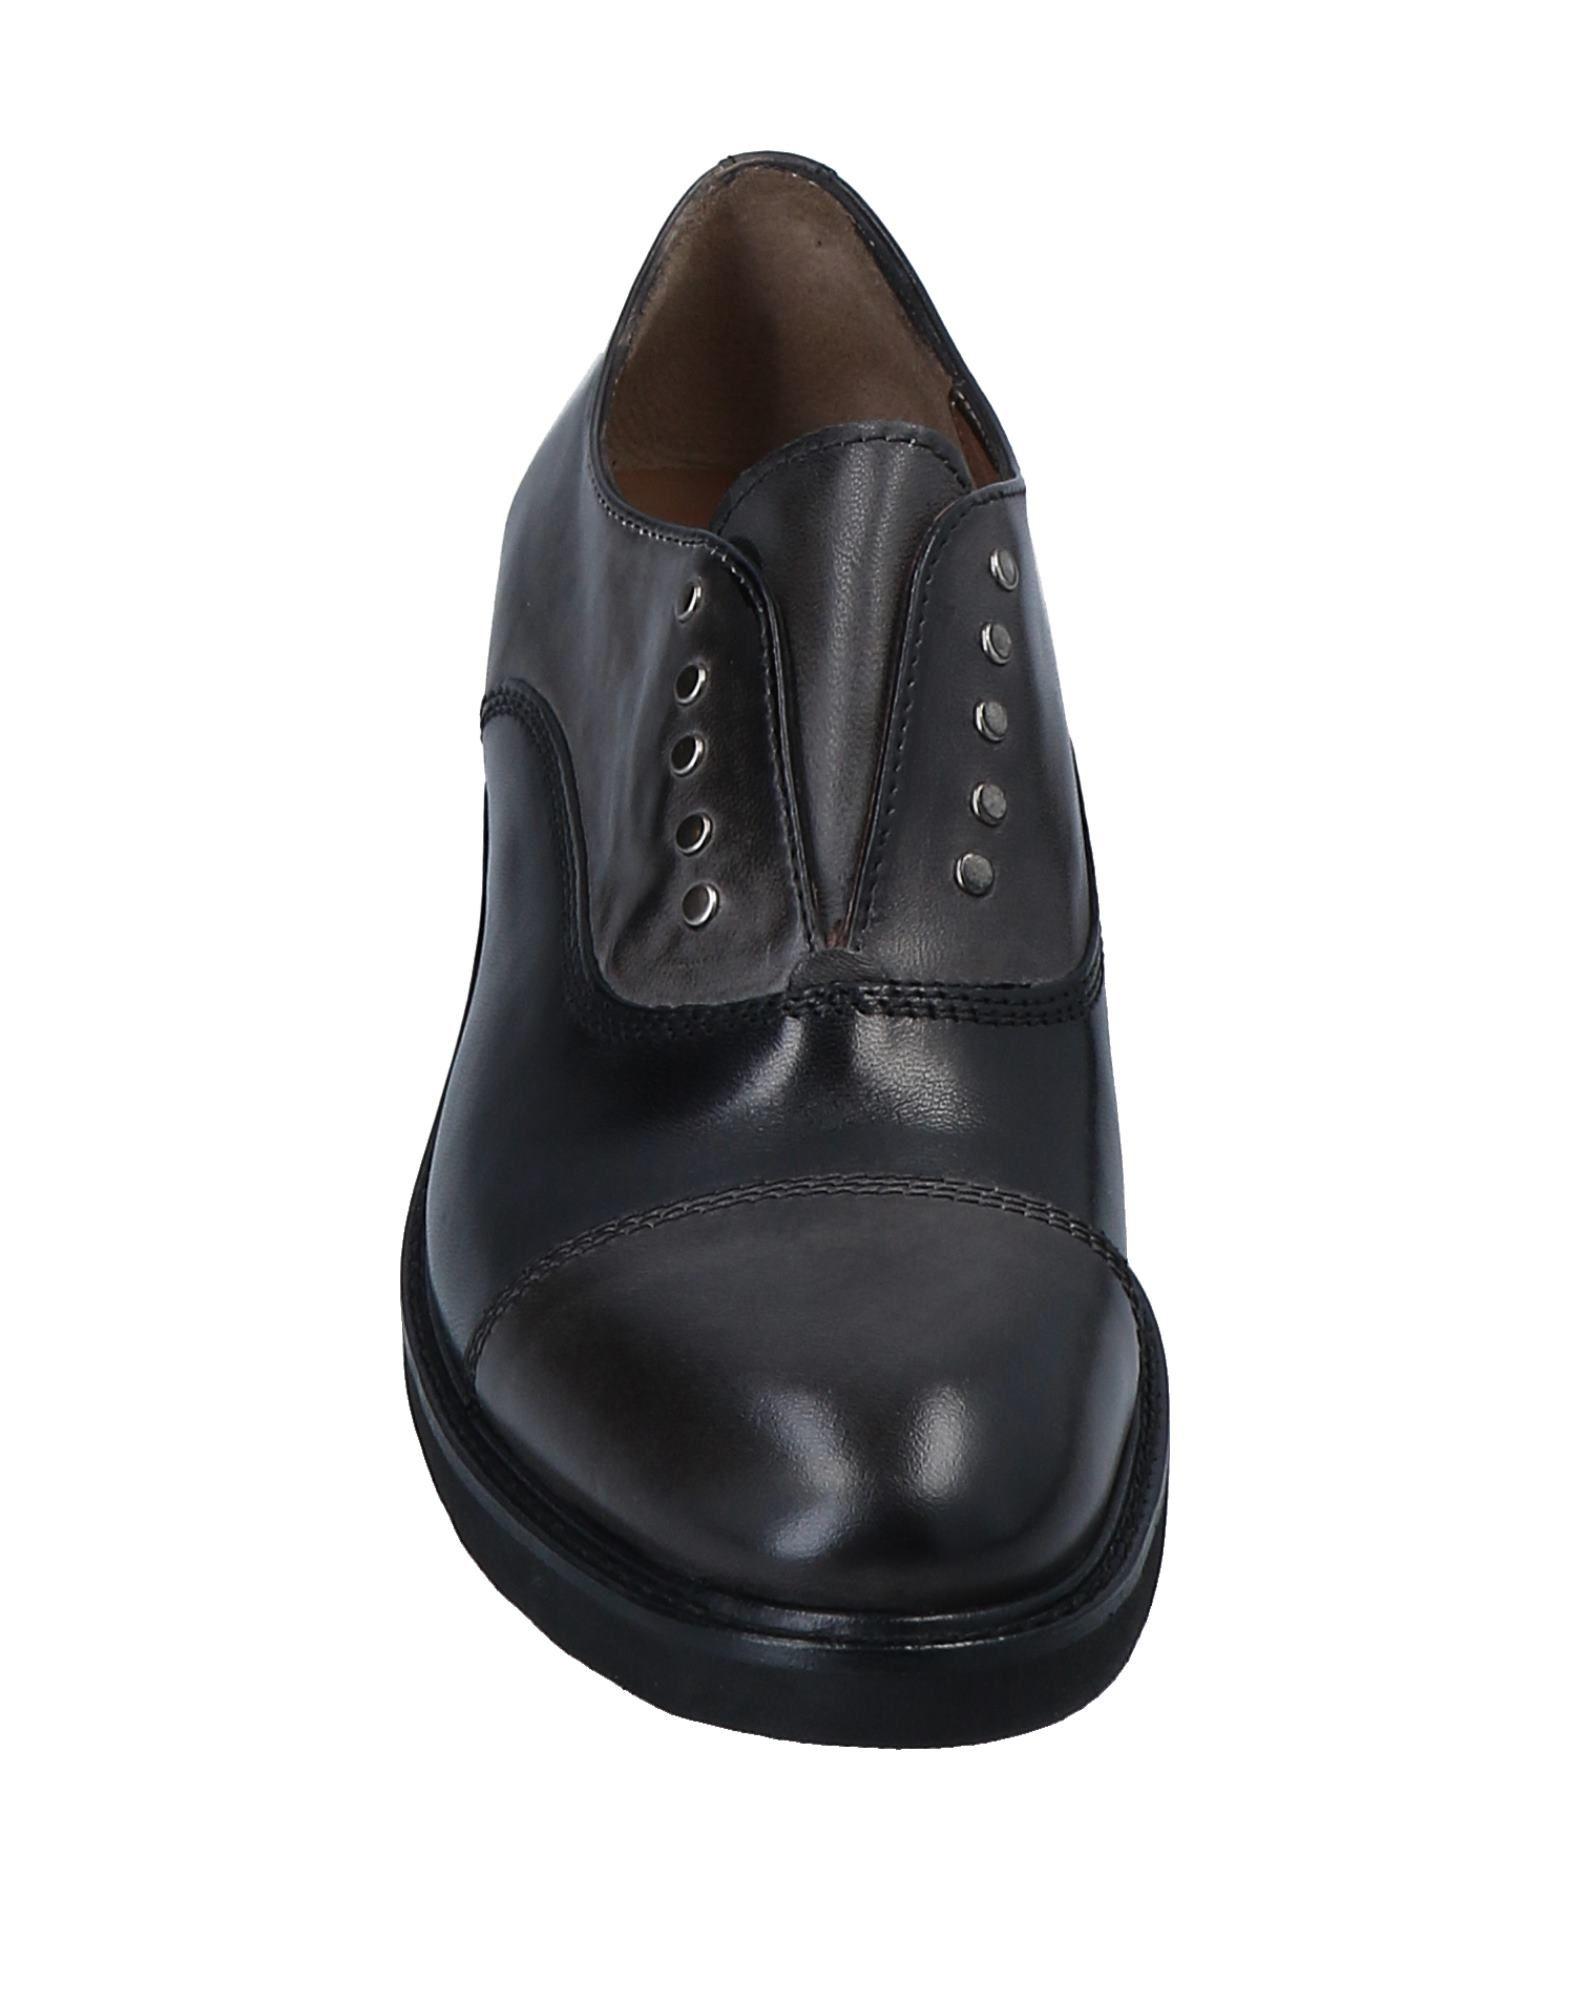 Calpierre Mokassins Damen  11551994DM Gute Qualität beliebte Schuhe